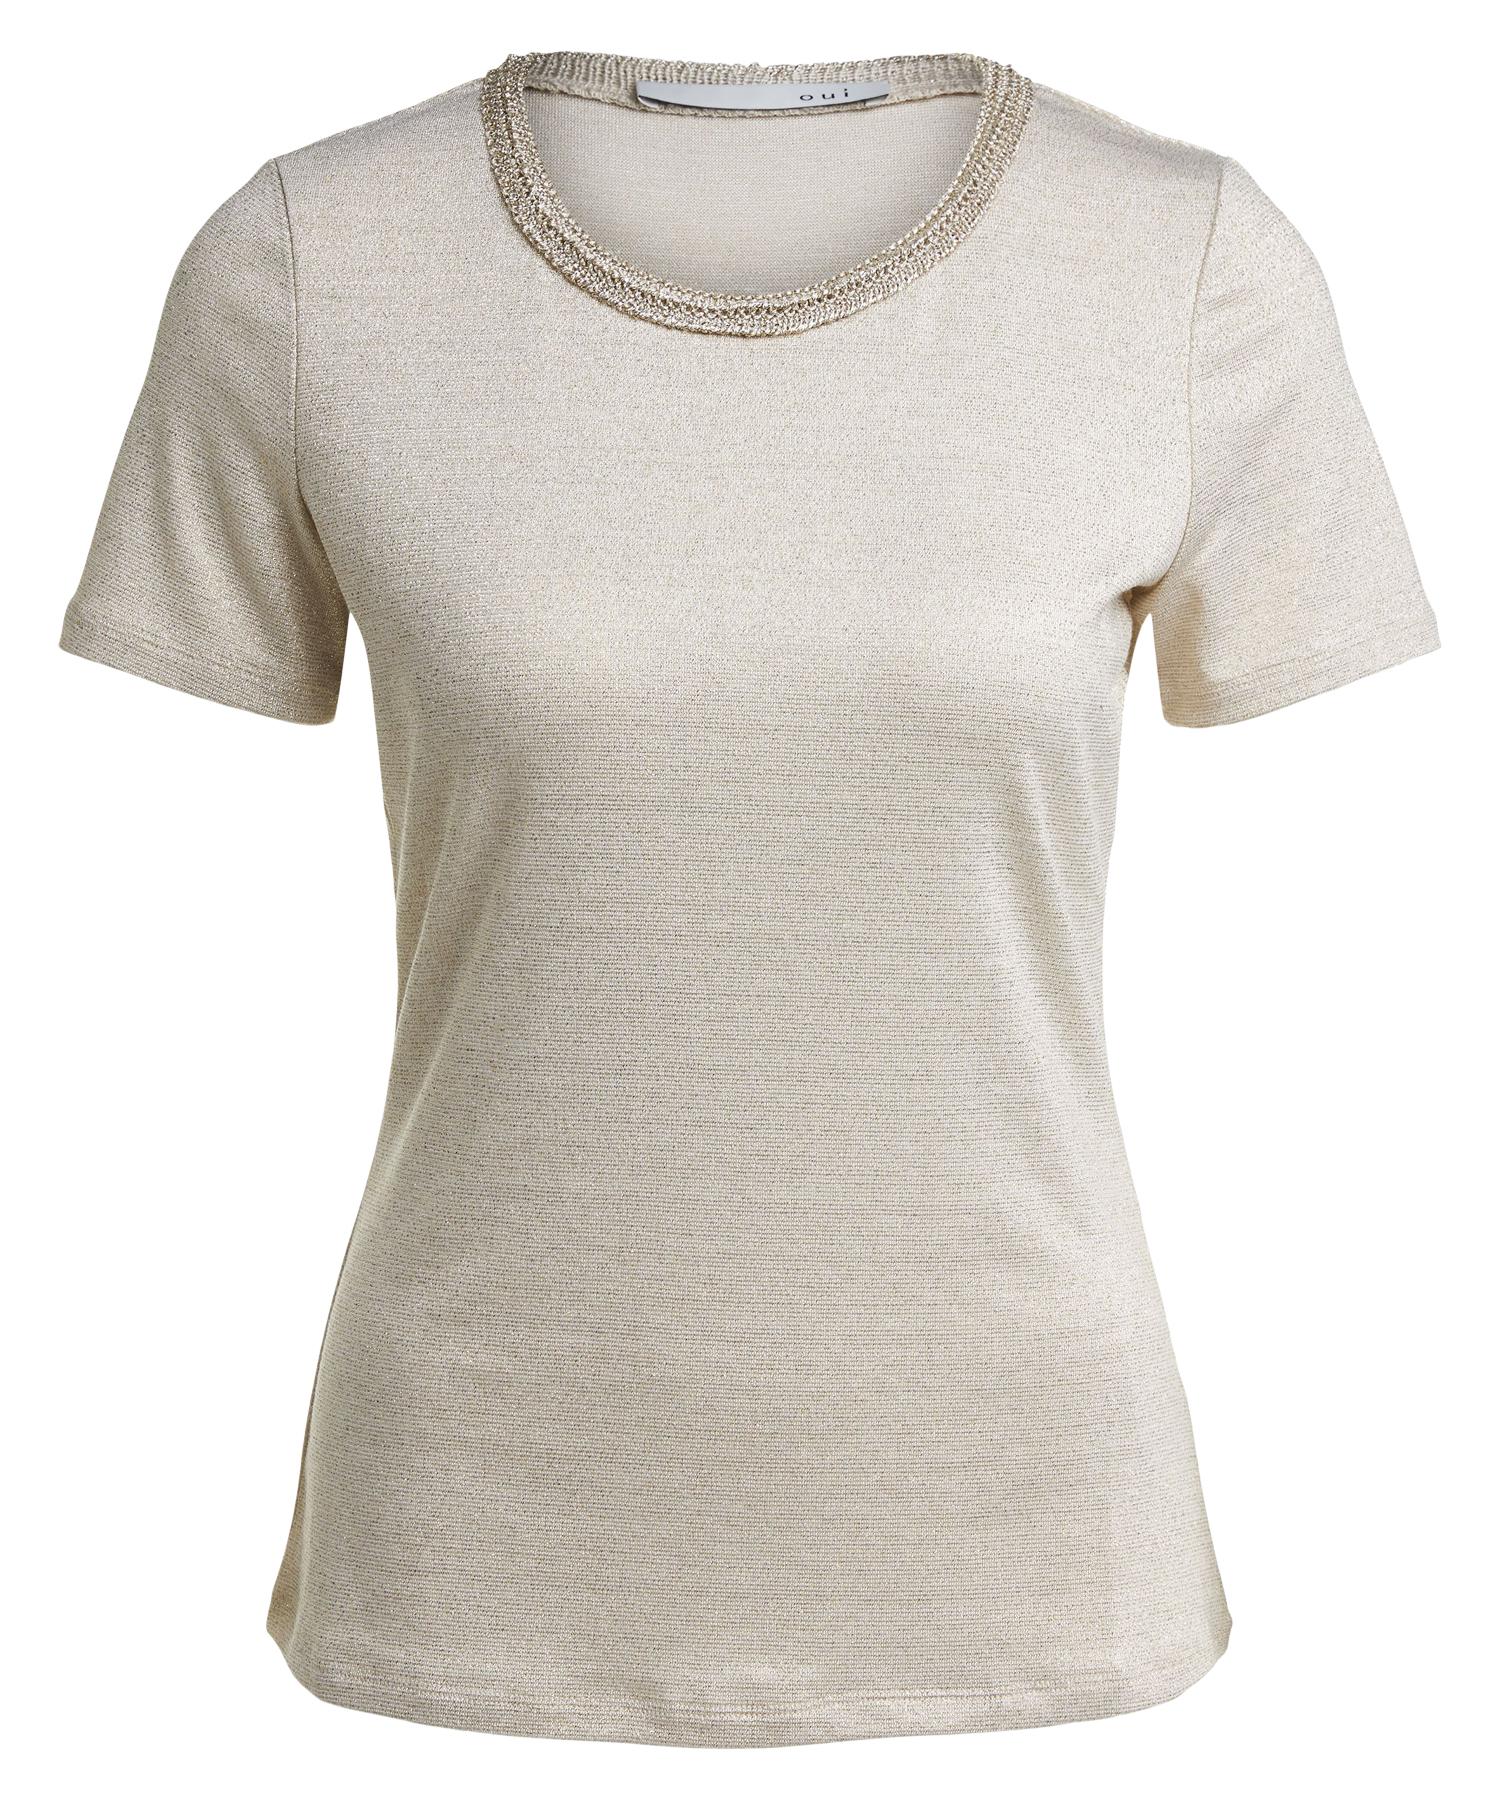 Oui shirt met goudlurex